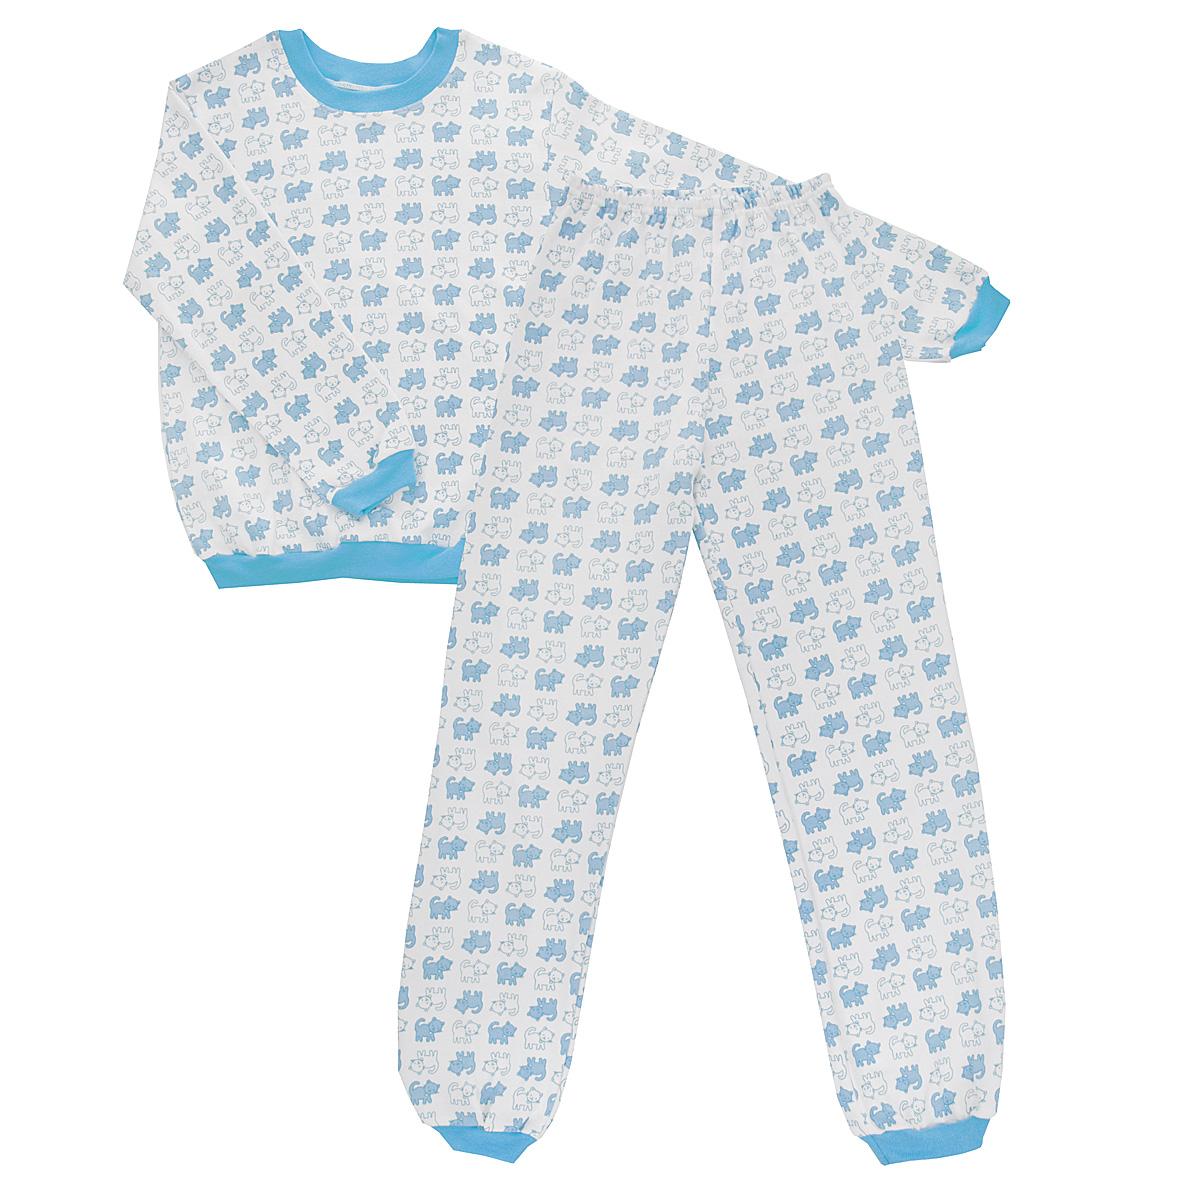 Пижама детская. 5555_котенок5555_котенокУютная детская пижама Трон-плюс, состоящая из джемпера и брюк, идеально подойдет вашему ребенку и станет отличным дополнением к детскому гардеробу. Изготовленная из интерлока, она необычайно мягкая и легкая, не сковывает движения, позволяет коже дышать и не раздражает даже самую нежную и чувствительную кожу ребенка. Трикотажный джемпер с длинными рукавами имеет круглый вырез горловины. Низ изделия, рукава и вырез горловины дополнены эластичной трикотажной резинкой контрастного цвета. Брюки на талии имеют эластичную резинку, благодаря чему не сдавливают живот ребенка и не сползают. Низ брючин дополнен широкими эластичными манжетами контрастного цвета. Оформлено изделие оригинальным принтом с изображением котят. В такой пижаме ваш ребенок будет чувствовать себя комфортно и уютно во время сна.